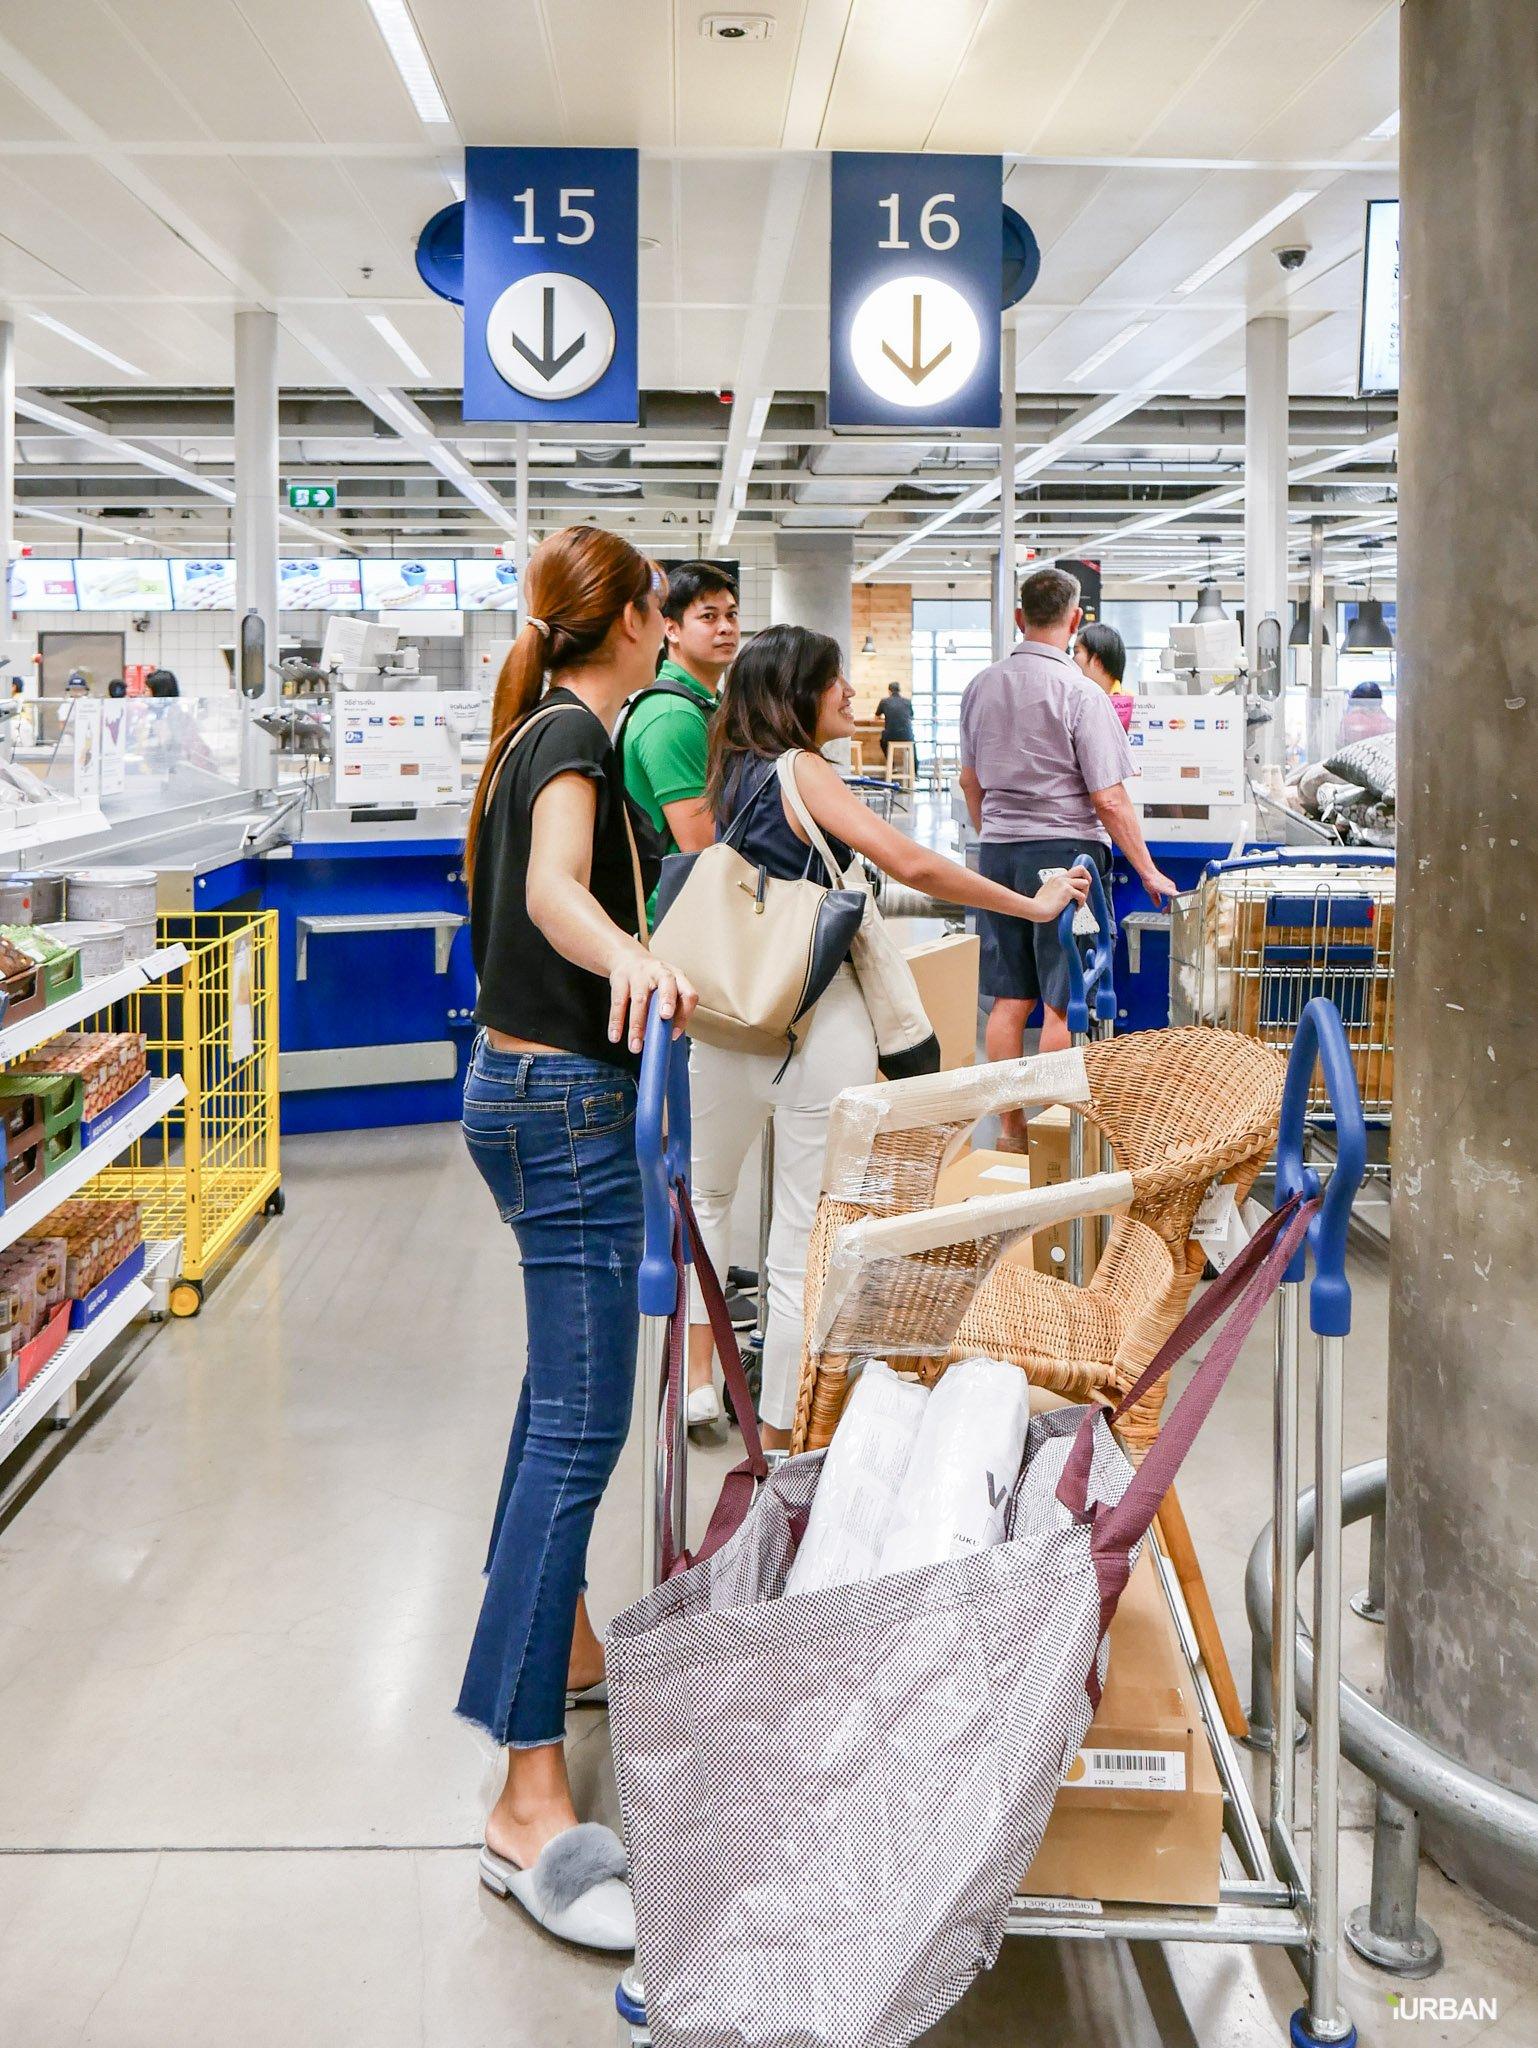 ช้อปที่ IKEA มีส่งของด่วนแล้ว 3 ชม. ถึงบ้าน เริ่ม 350 บาทโดย Deliveree 28 - Deliveree